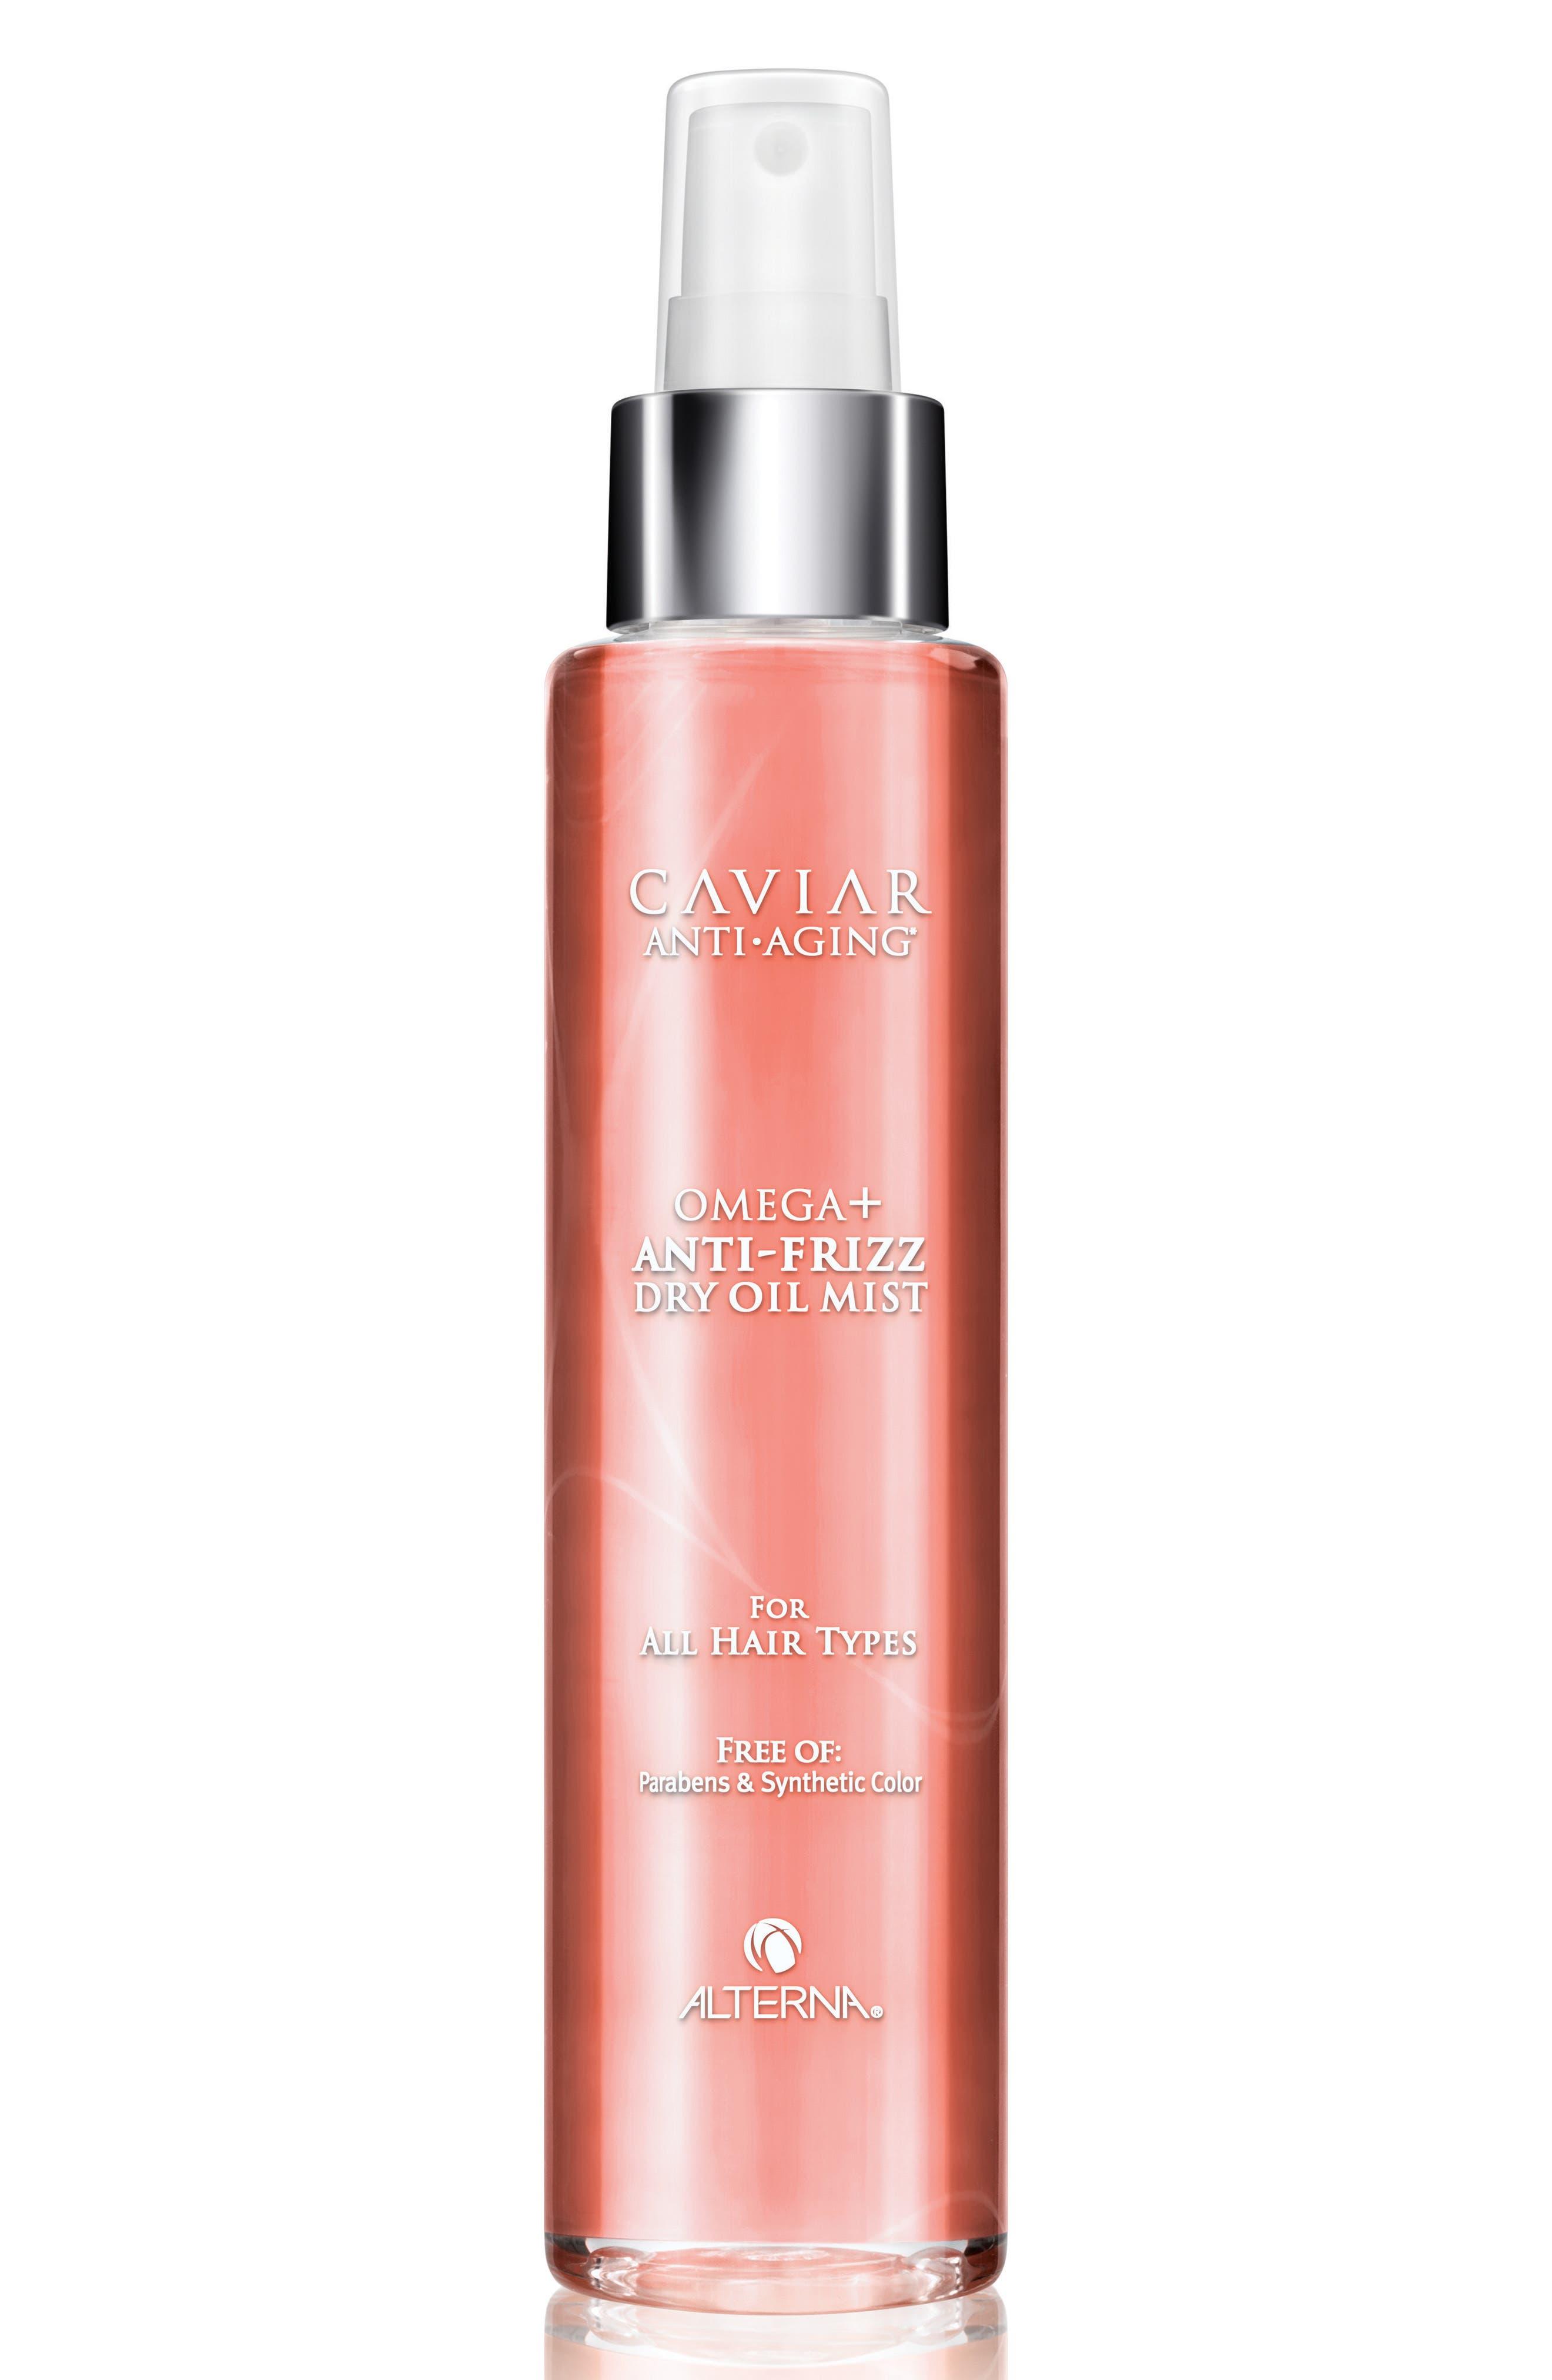 ALTERNA® Caviar Anti-Aging Omega Anti-Frizz Dry Oil Mist